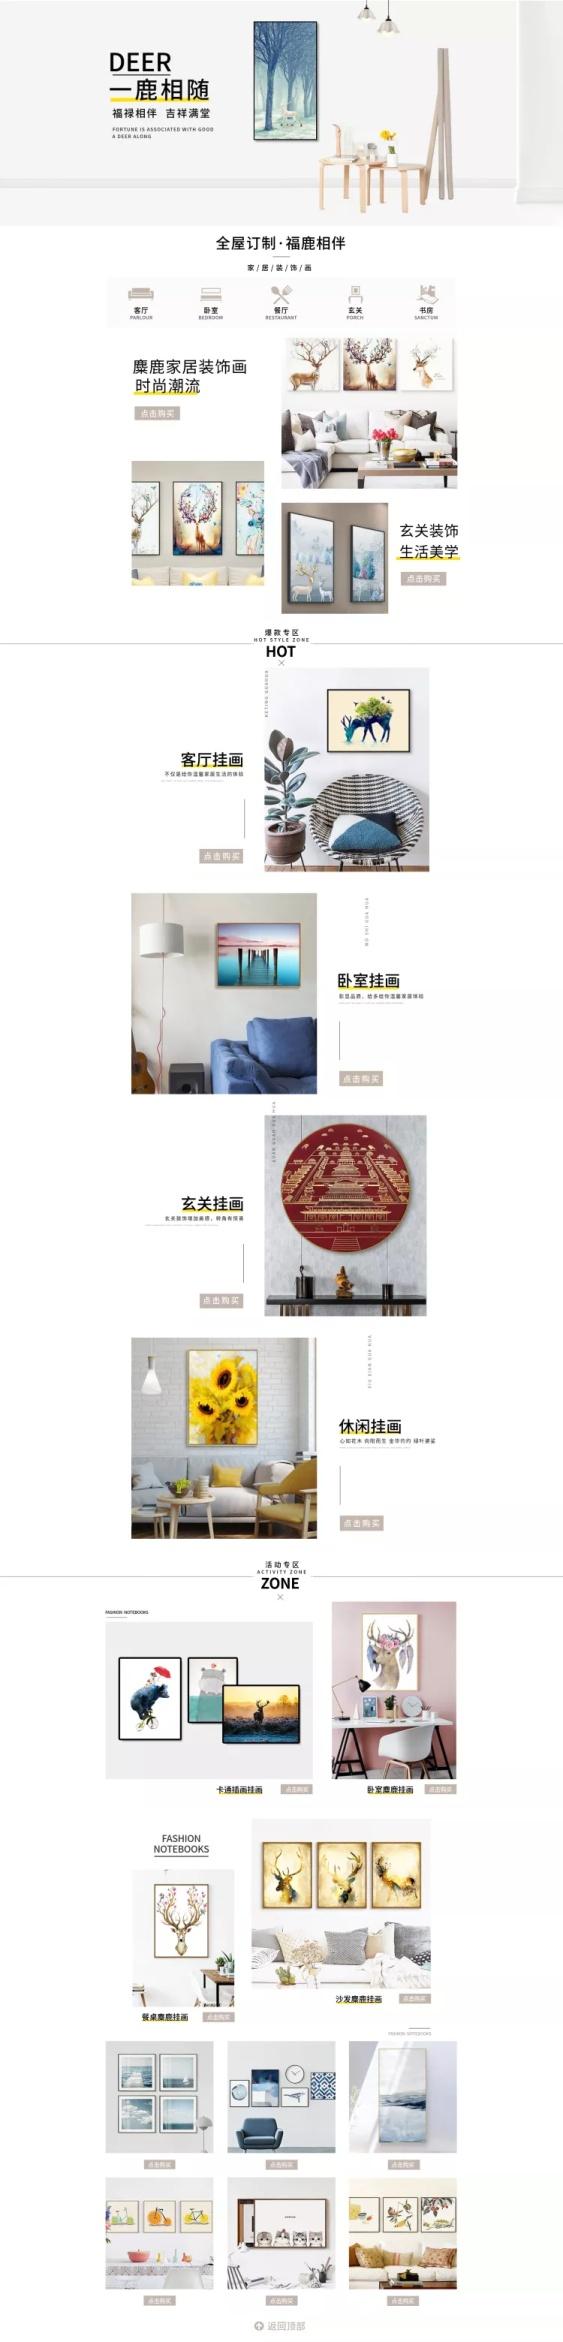 双十二/双12/日常上新/活动促销/小清新/家居/店铺首页